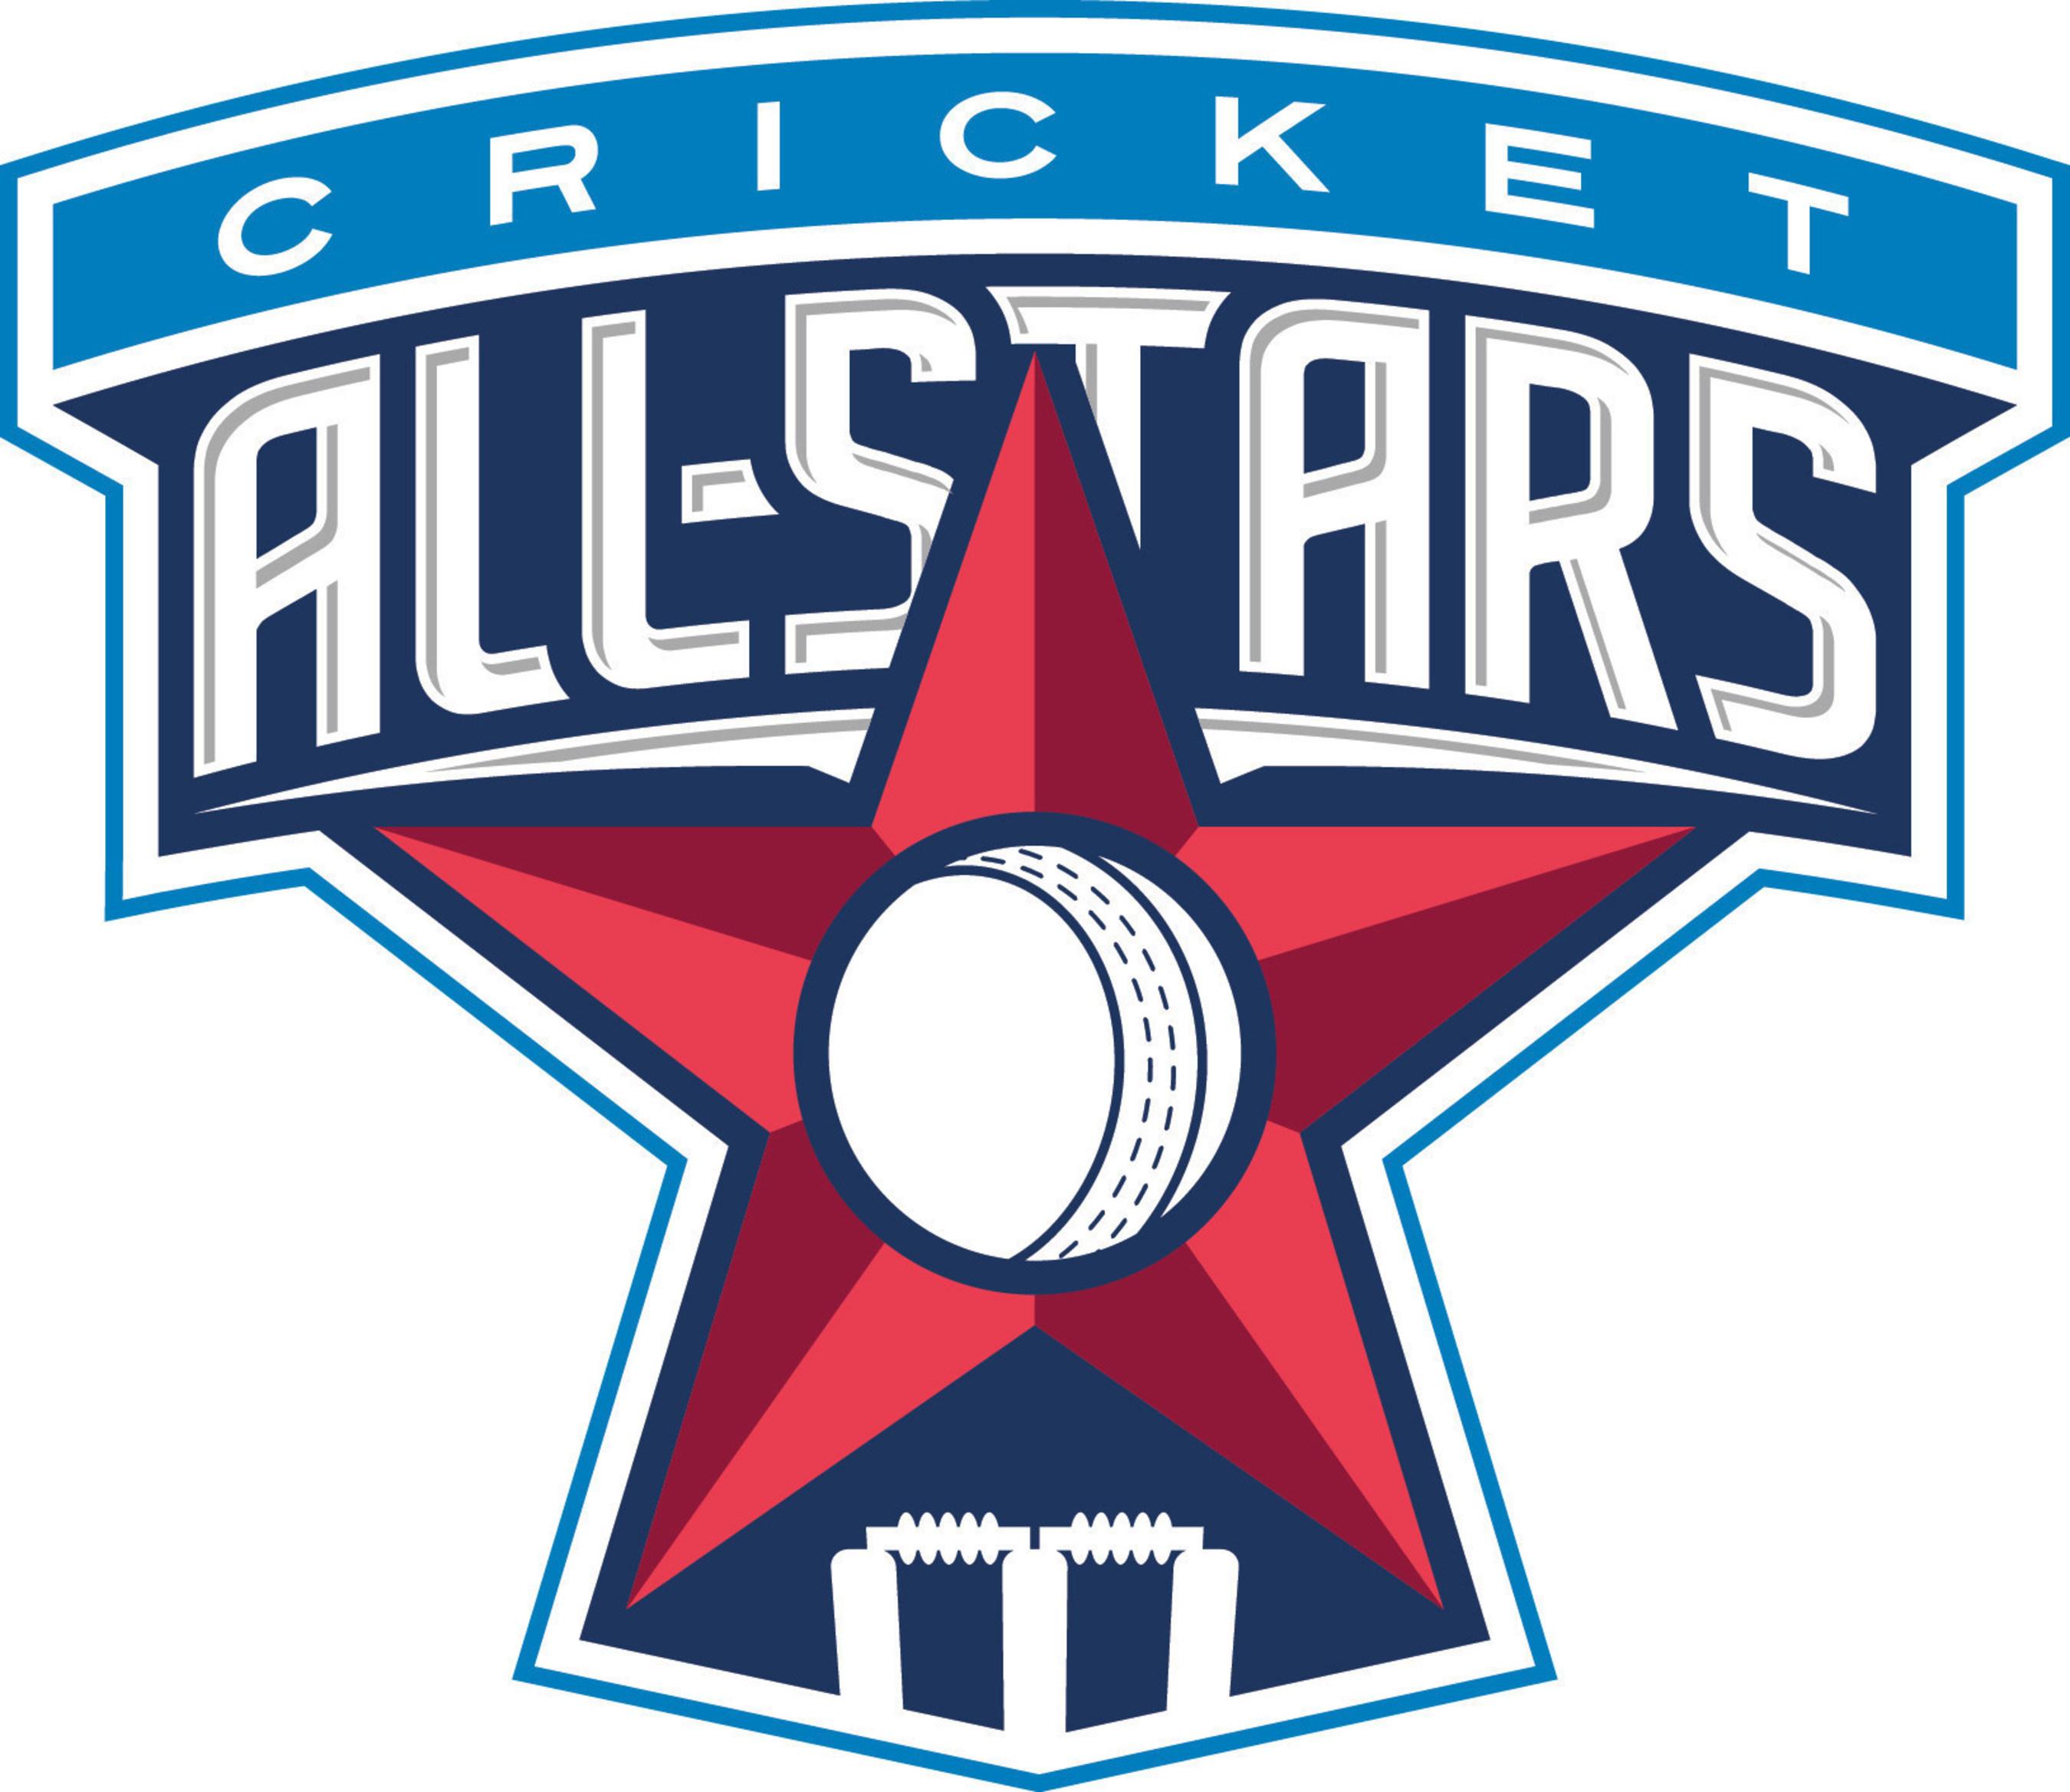 Cricket All-Stars logo